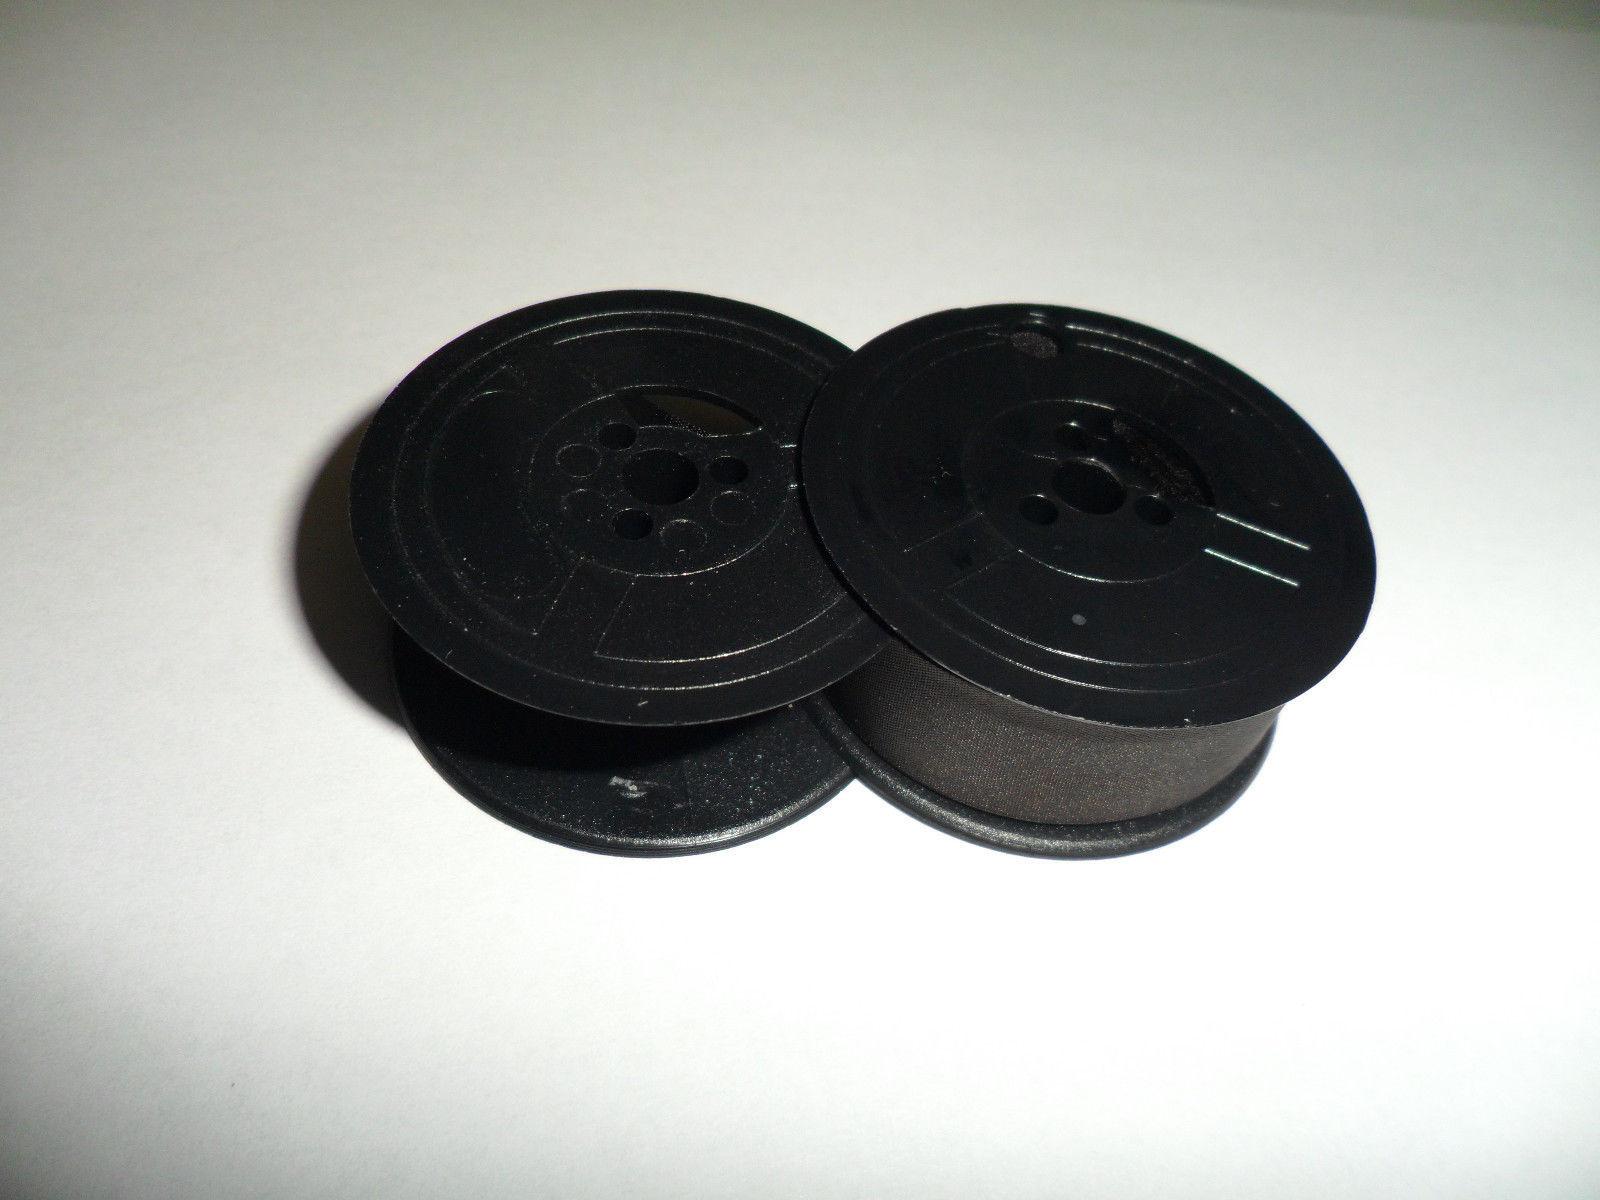 Casio 10 10ER 15ER 30 30ER 40 Cash Register Ribbon Purple (3 Pack)